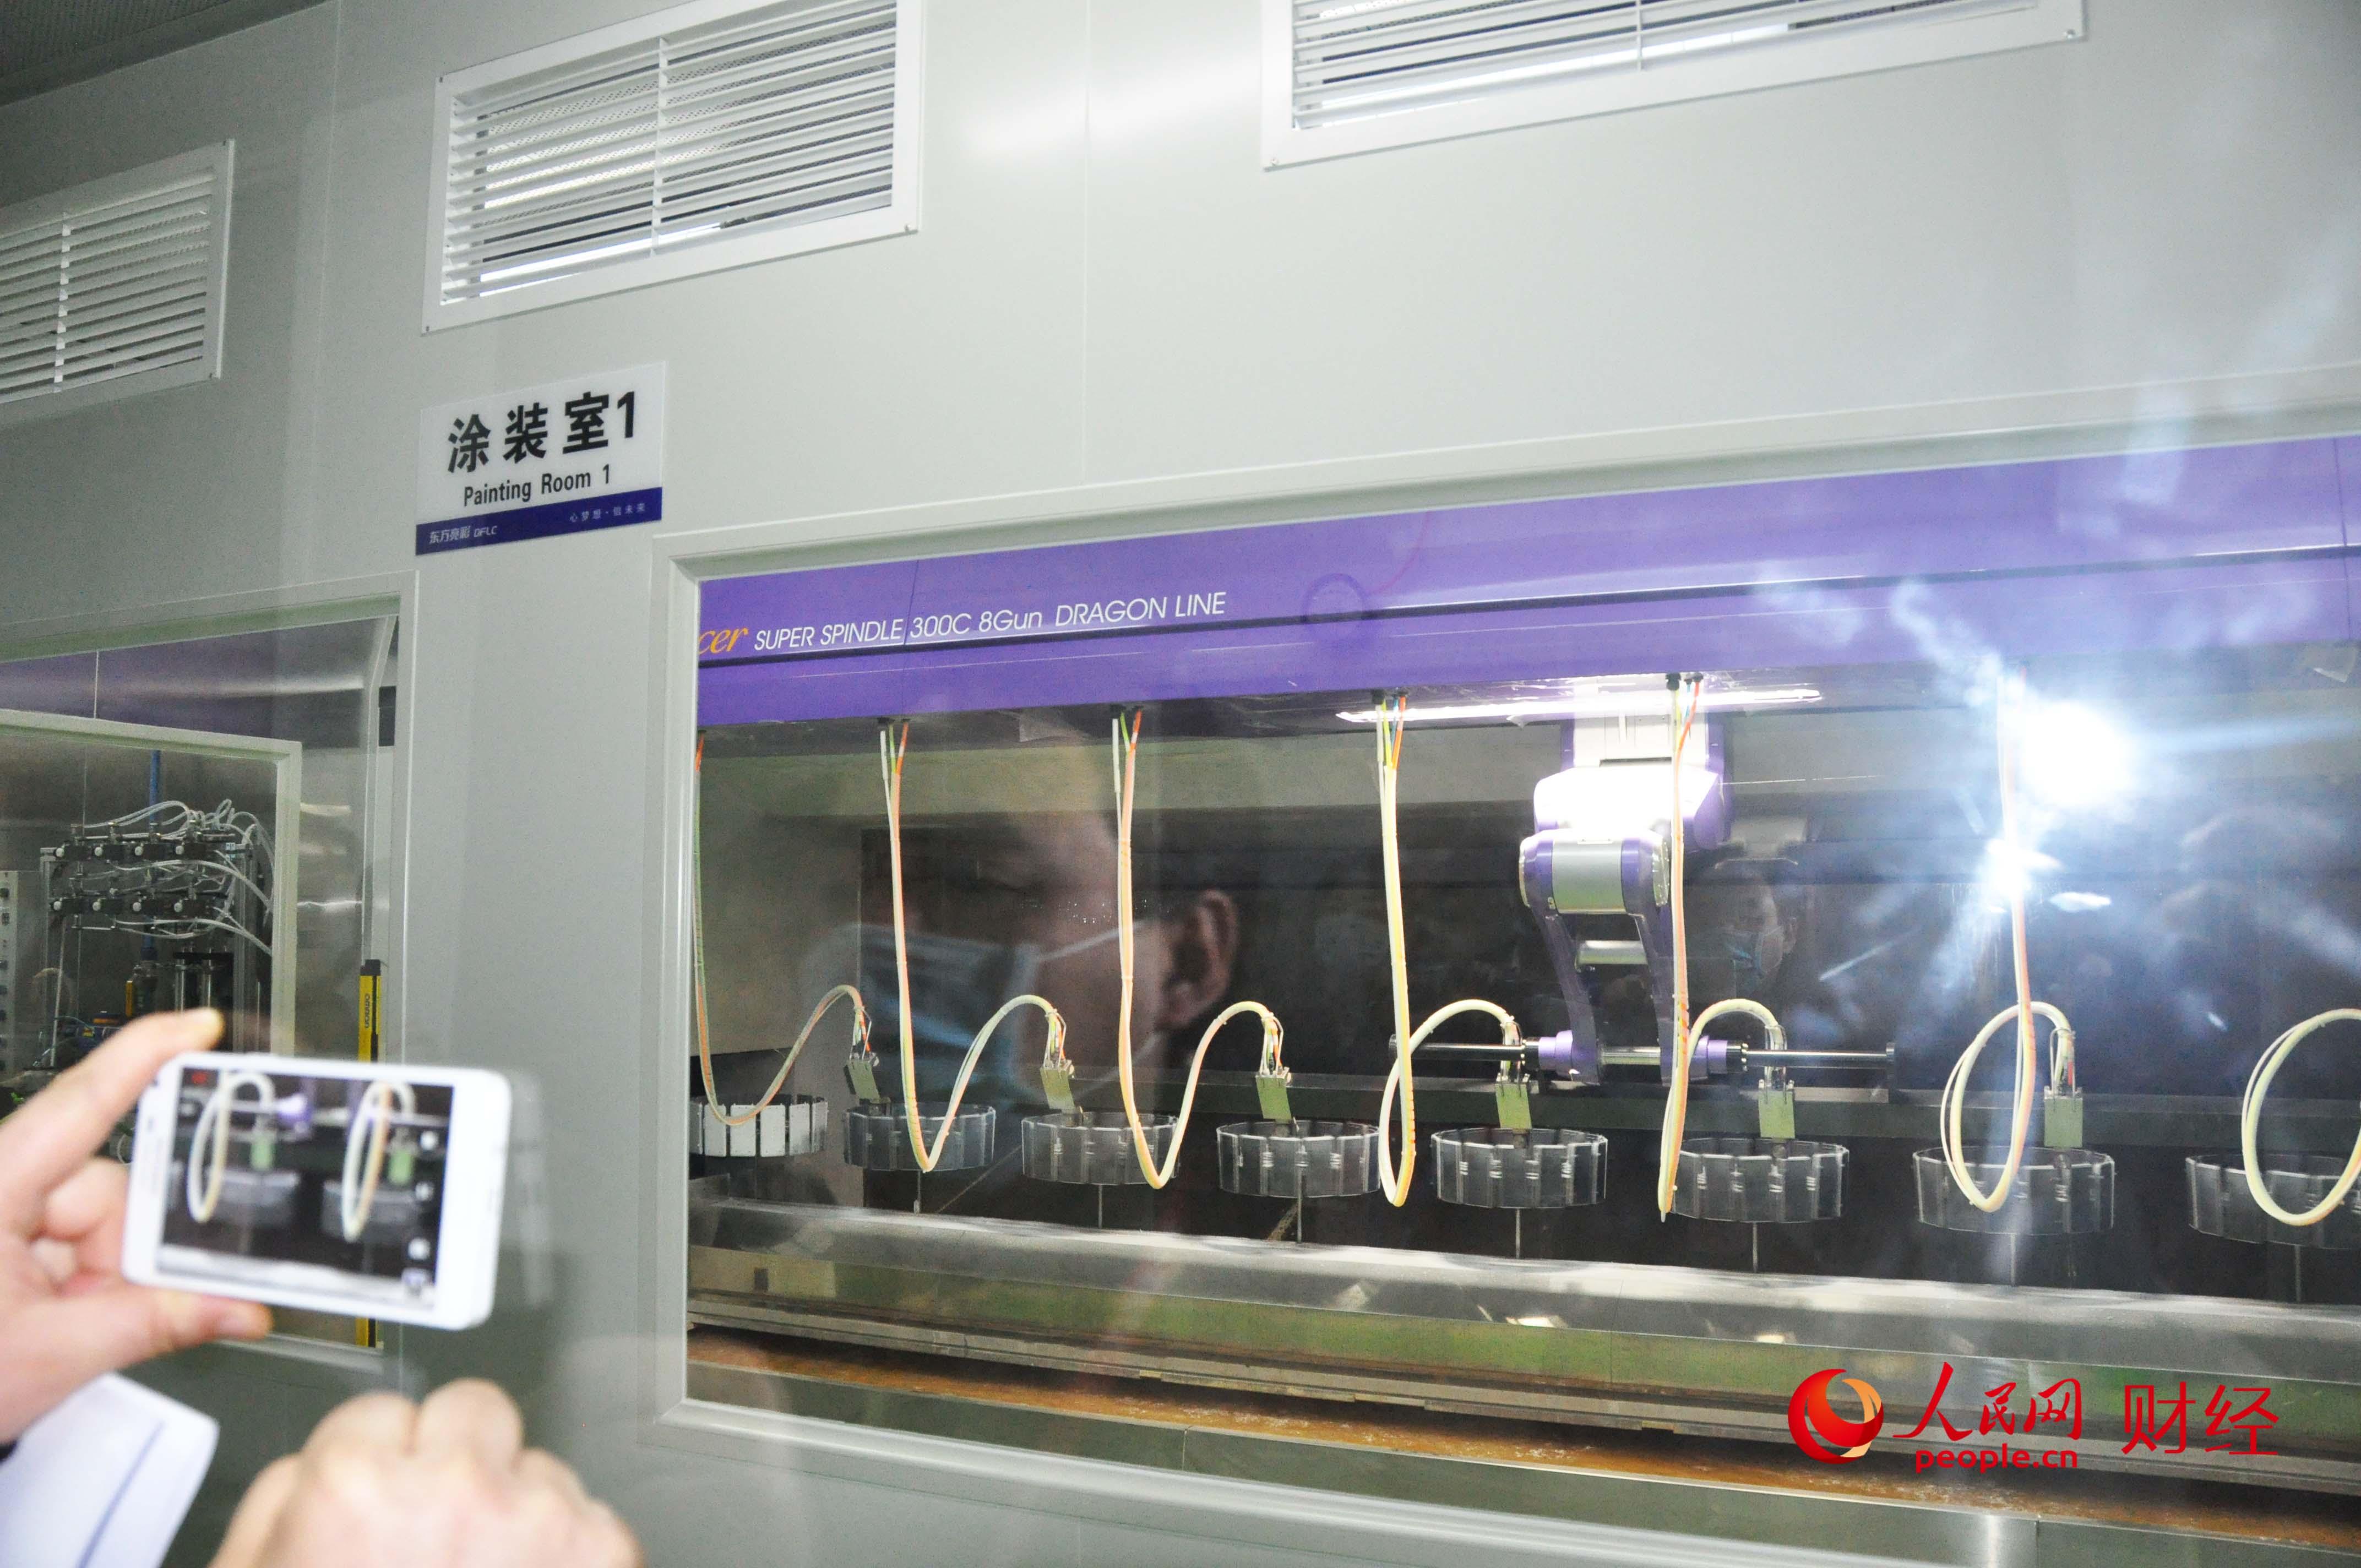 东莞横沥镇,东方亮彩模具厂的智能车间,智能设备正在给手机外壳上涂料。(人民网 贾兴鹏摄)